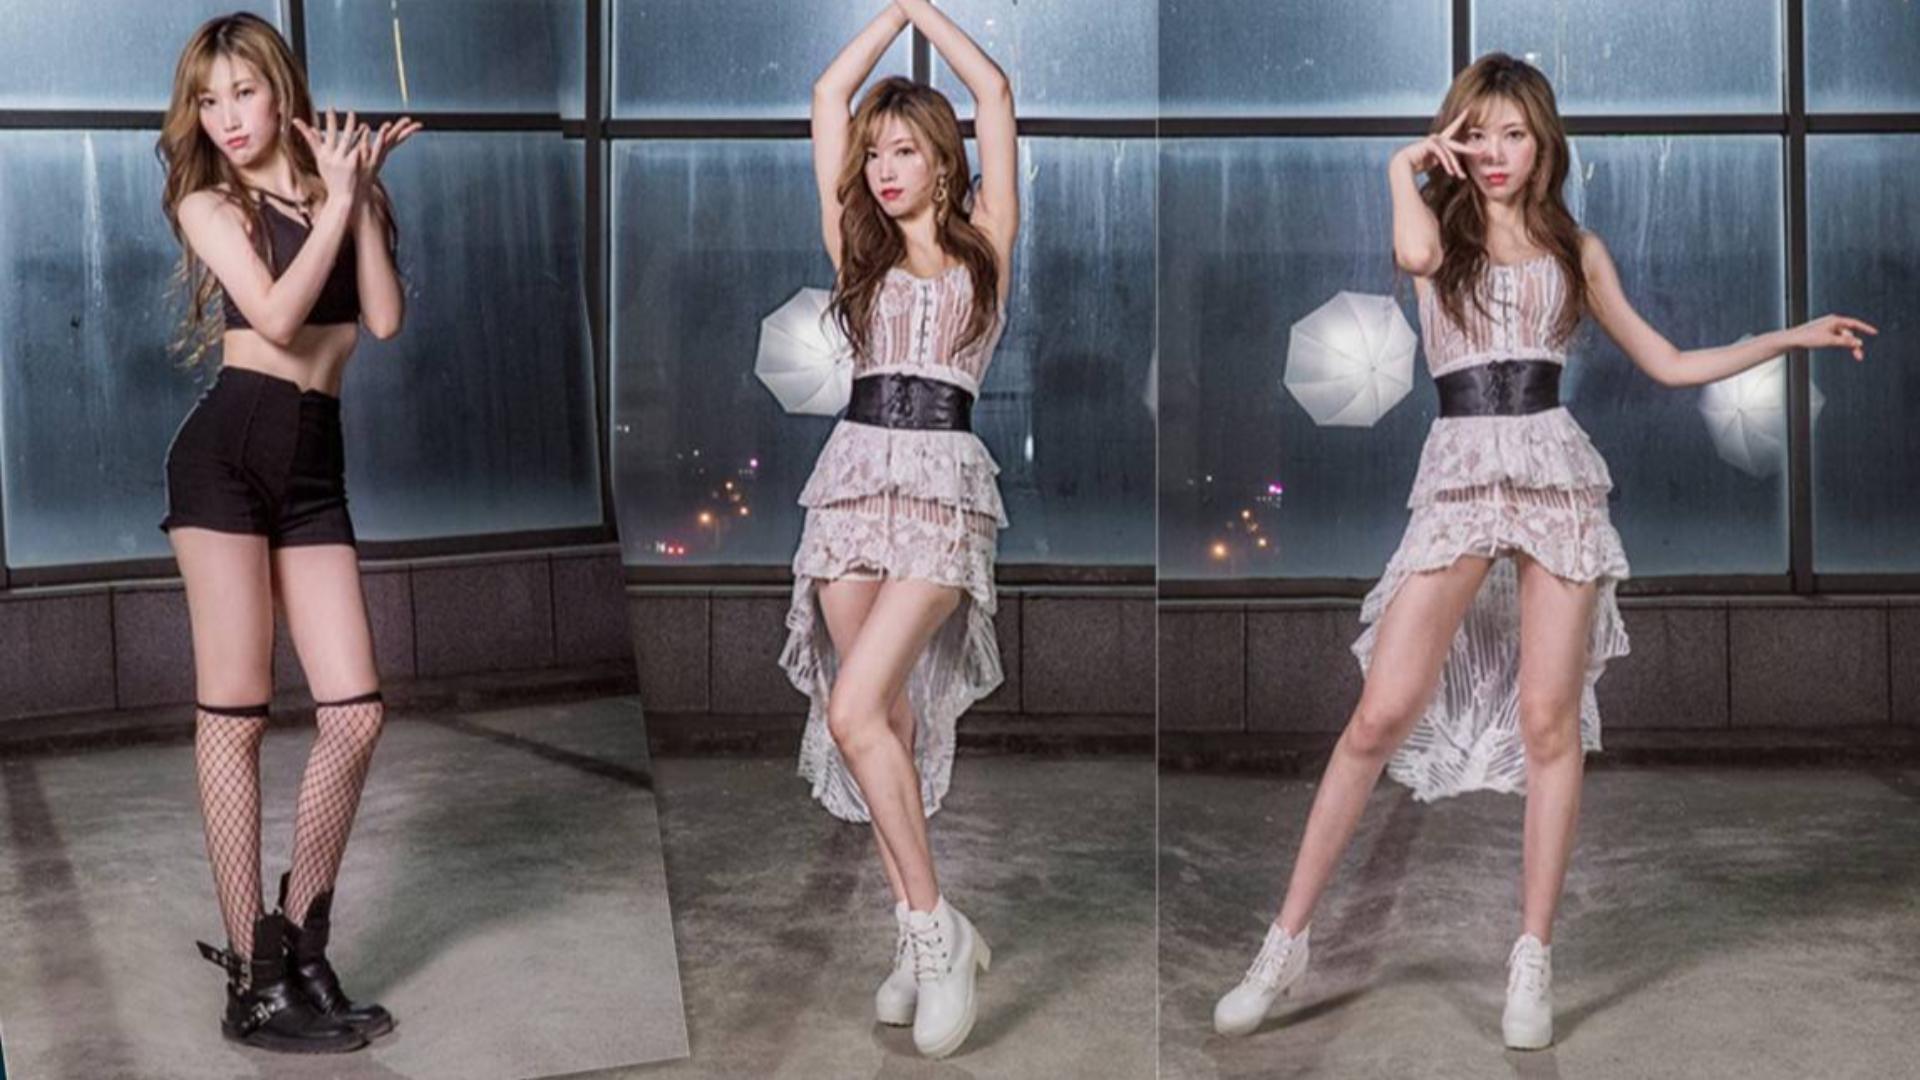 【Natsu夏日】TWICE - Feel SPECIAL【高清竖屏+一键换装】